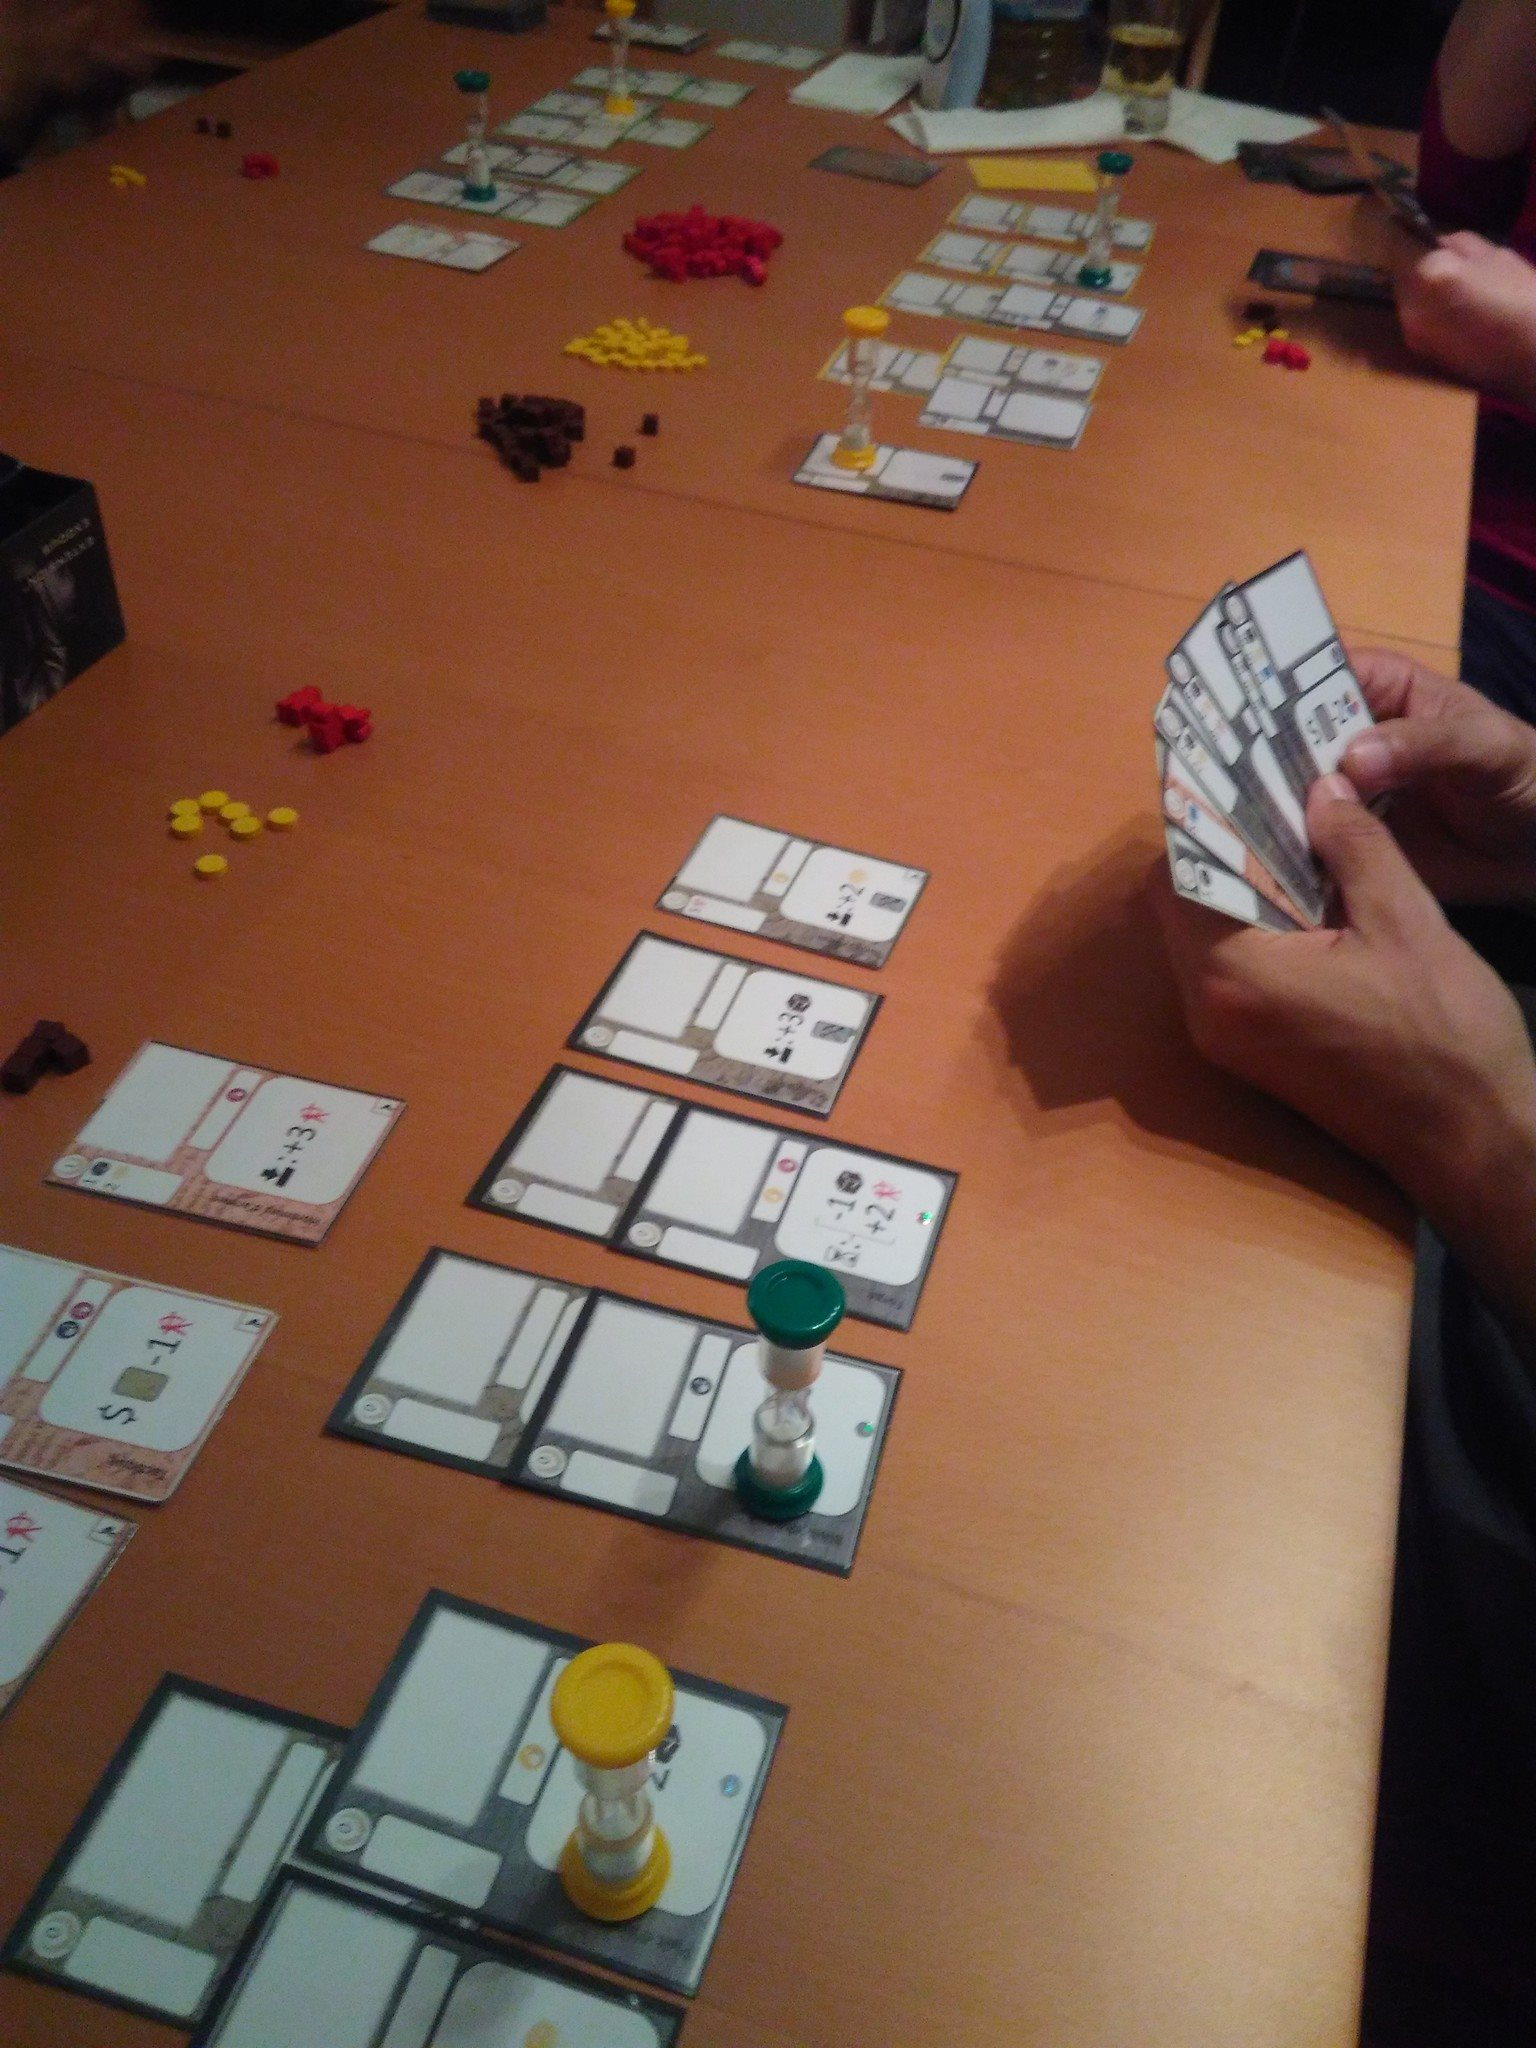 Des tests, critiques, et du développement de jeux